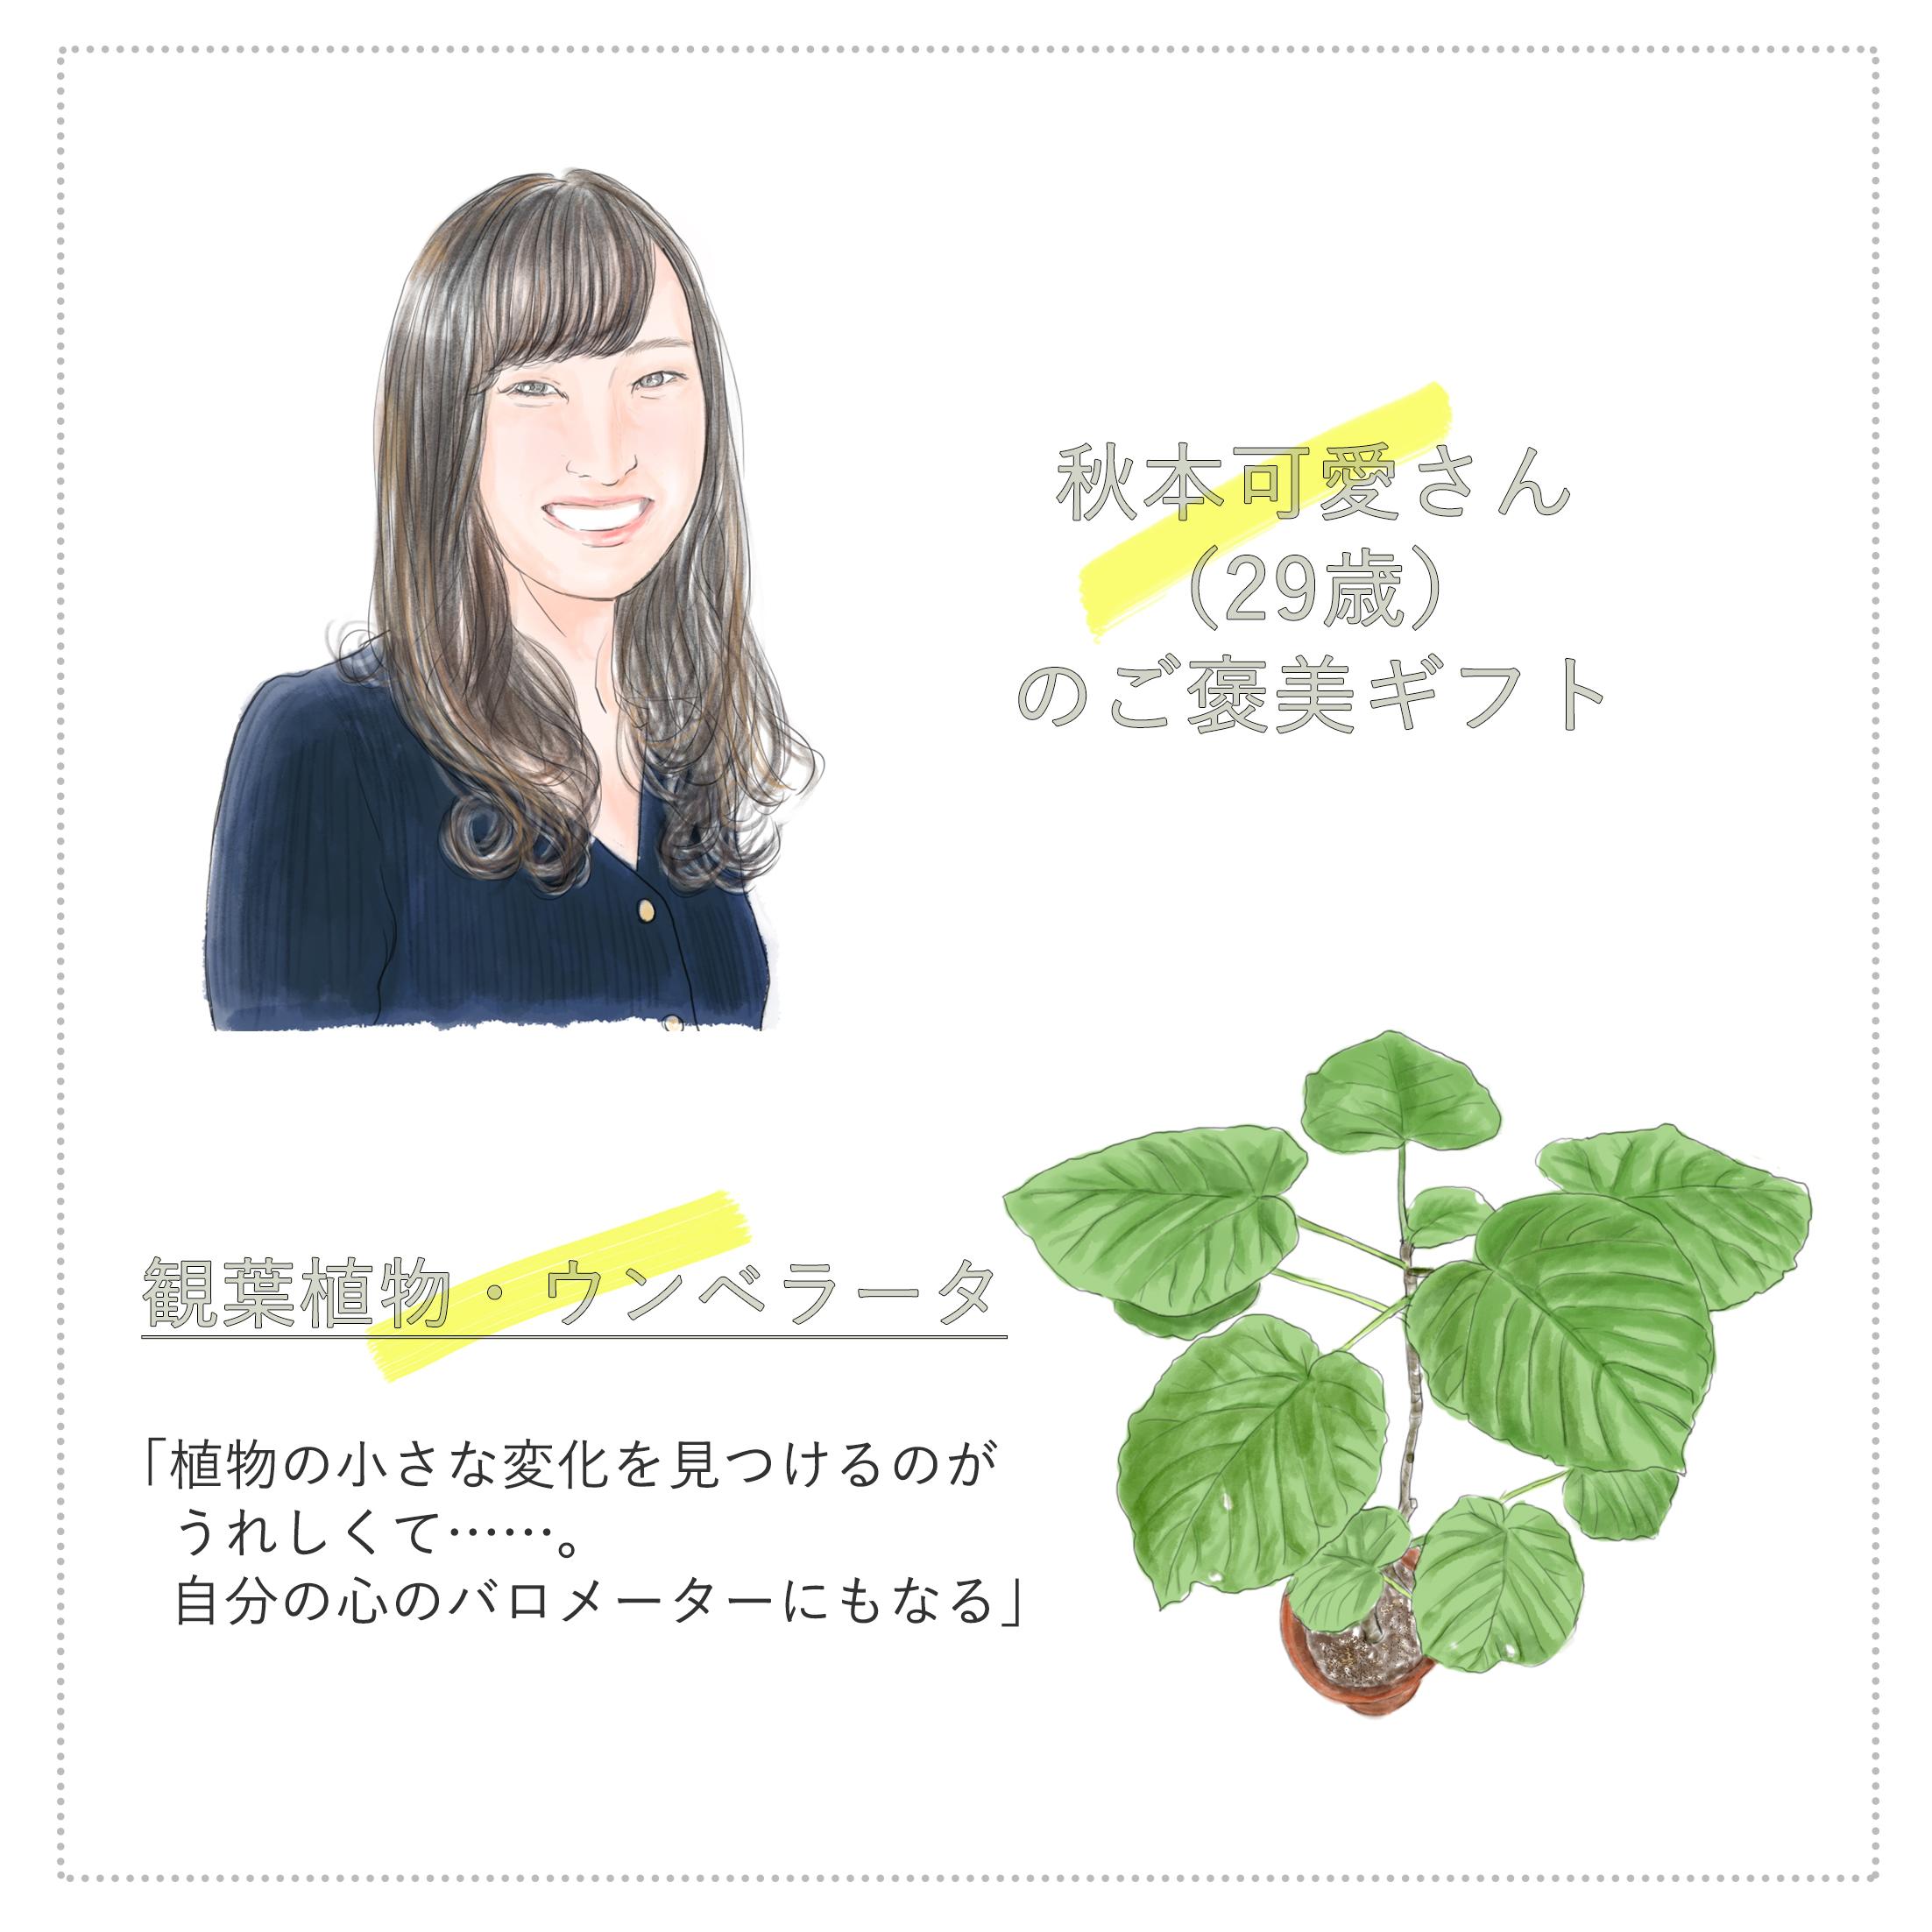 株式会社Join for Kaigoの代表取締役・秋本可愛さん(29歳)